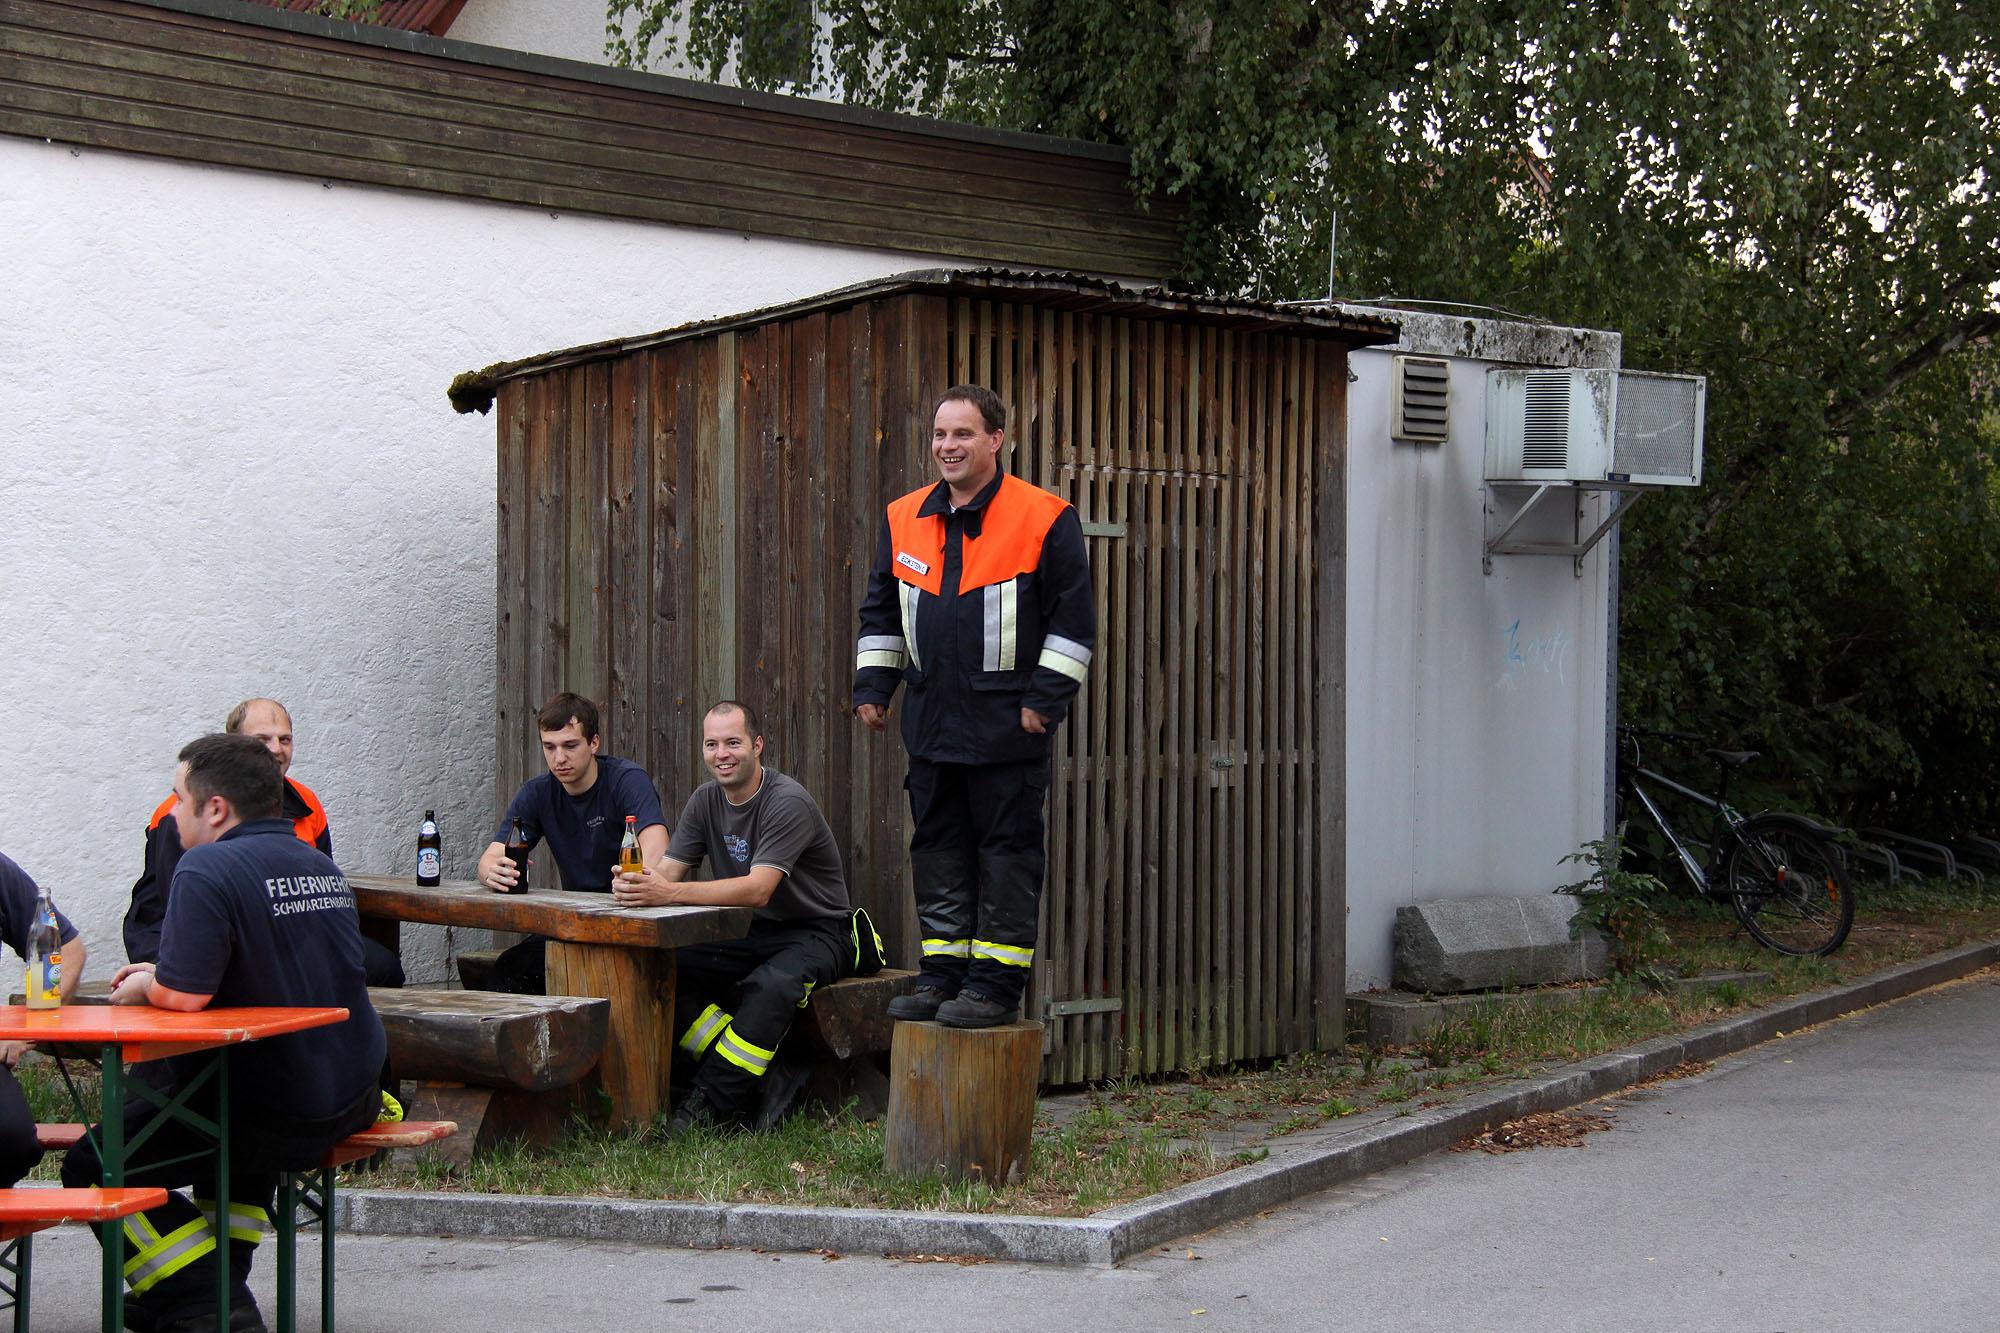 2015_08_21_Gemeindeuebung-Hohlstrahlrohre_138-2000p